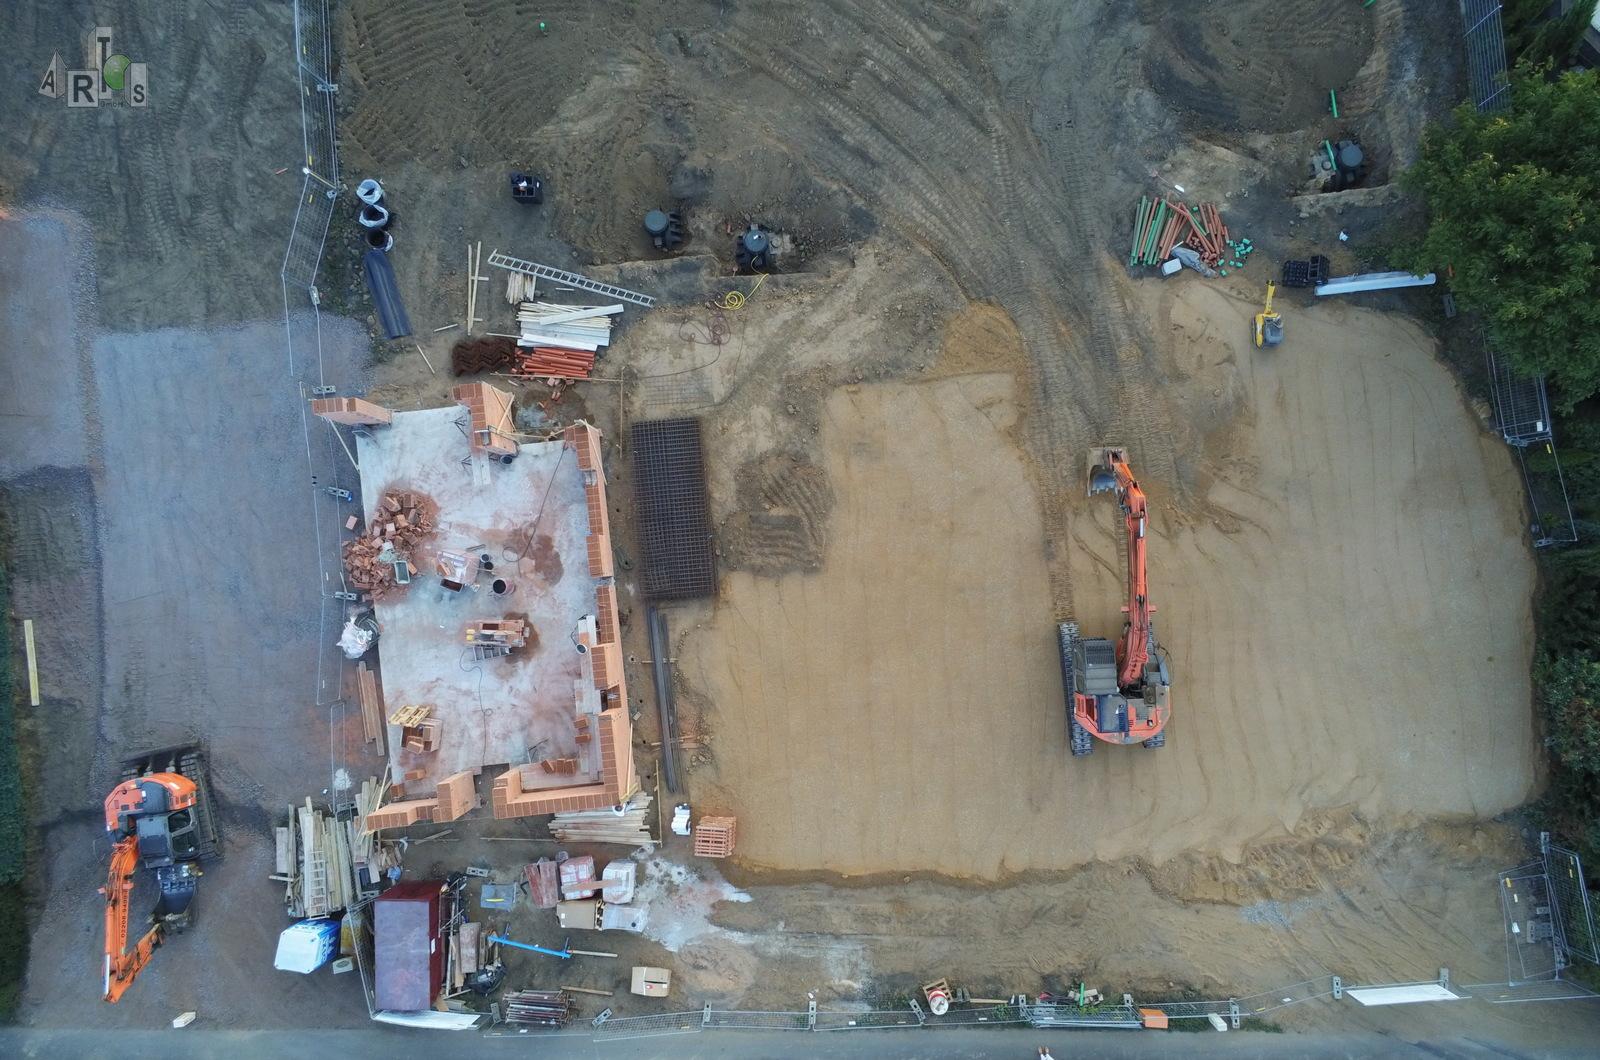 Luftbild unserer Baustelle in Hürth. Hier entstehen 3 DHH. www.artos-haus.de | Bild 1